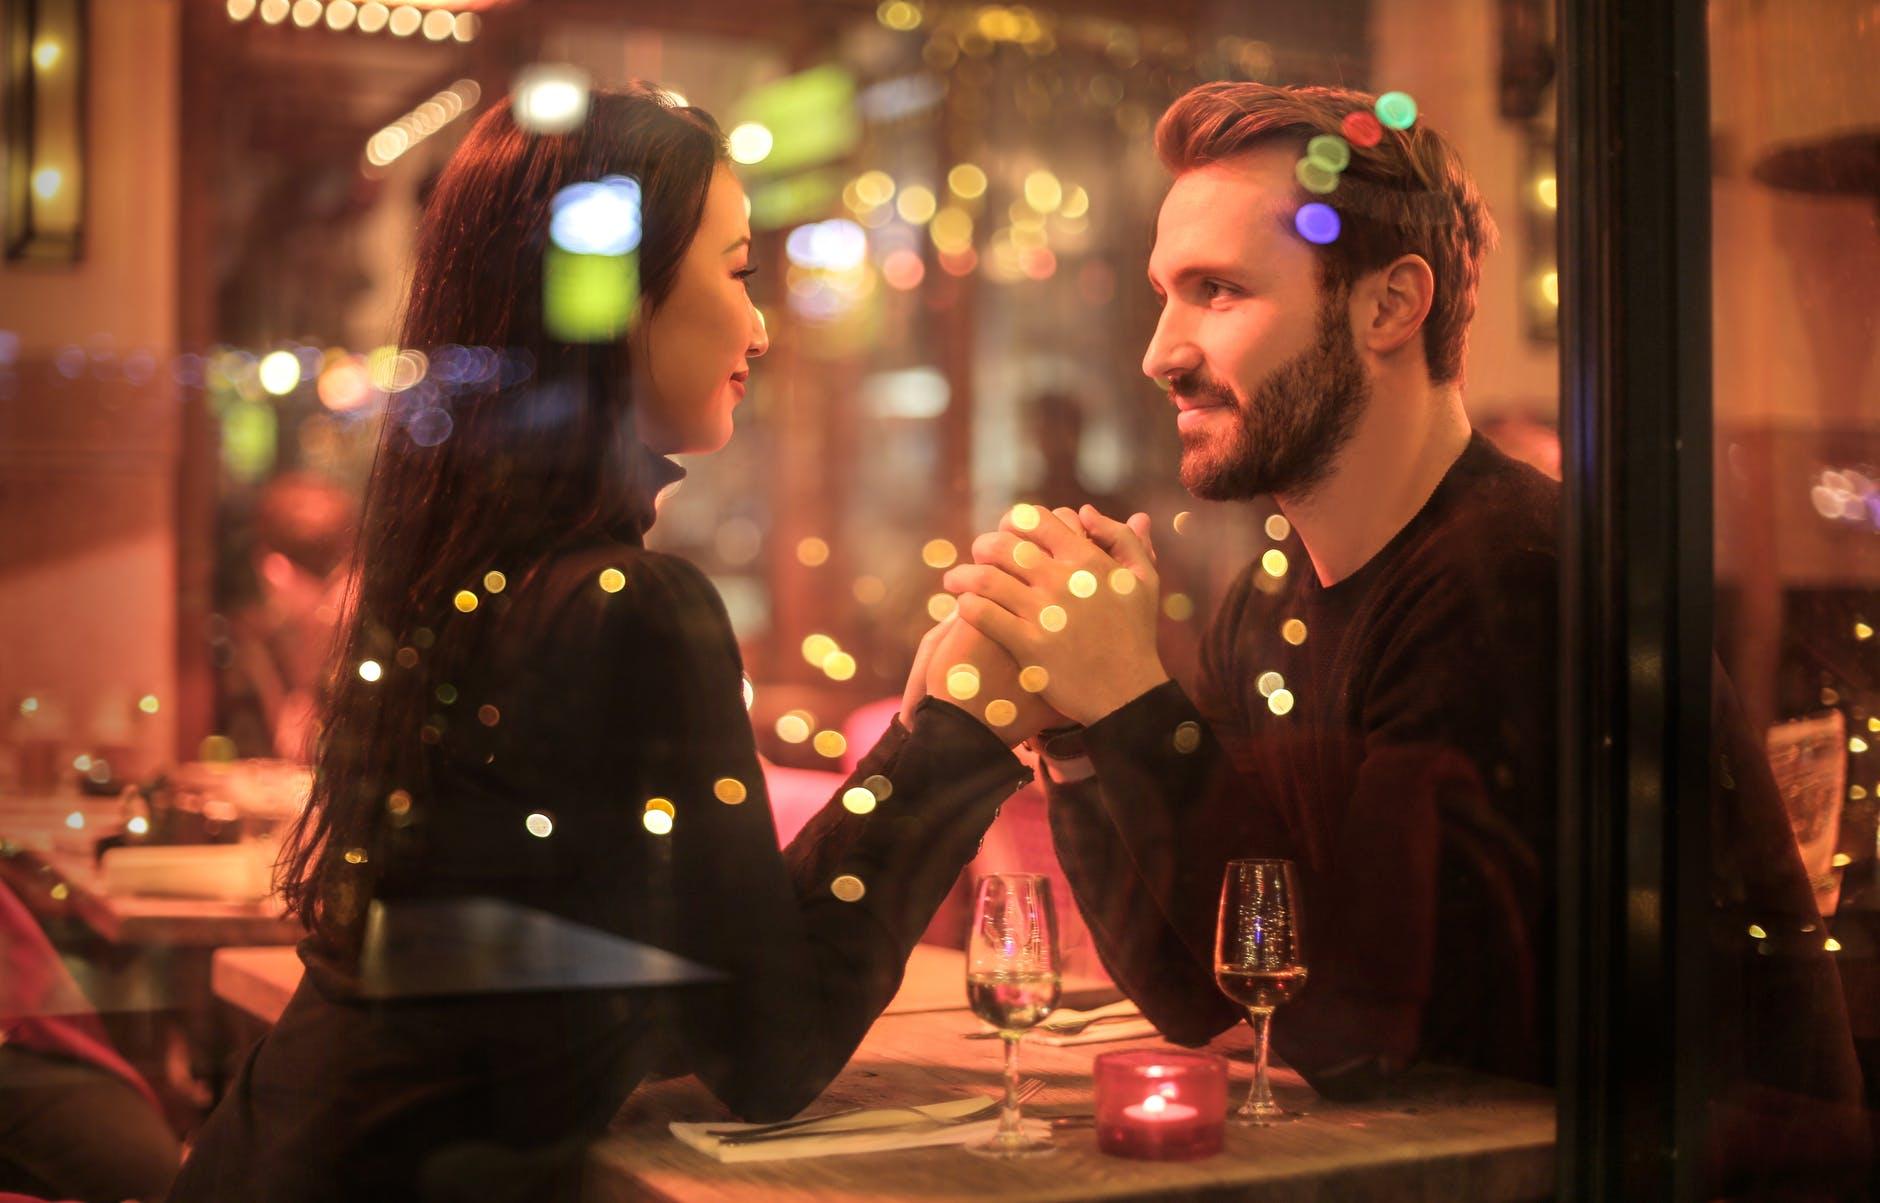 casal sentado de frente um para o outro dentro de um restaurante segurando as mãos enquanto se olham